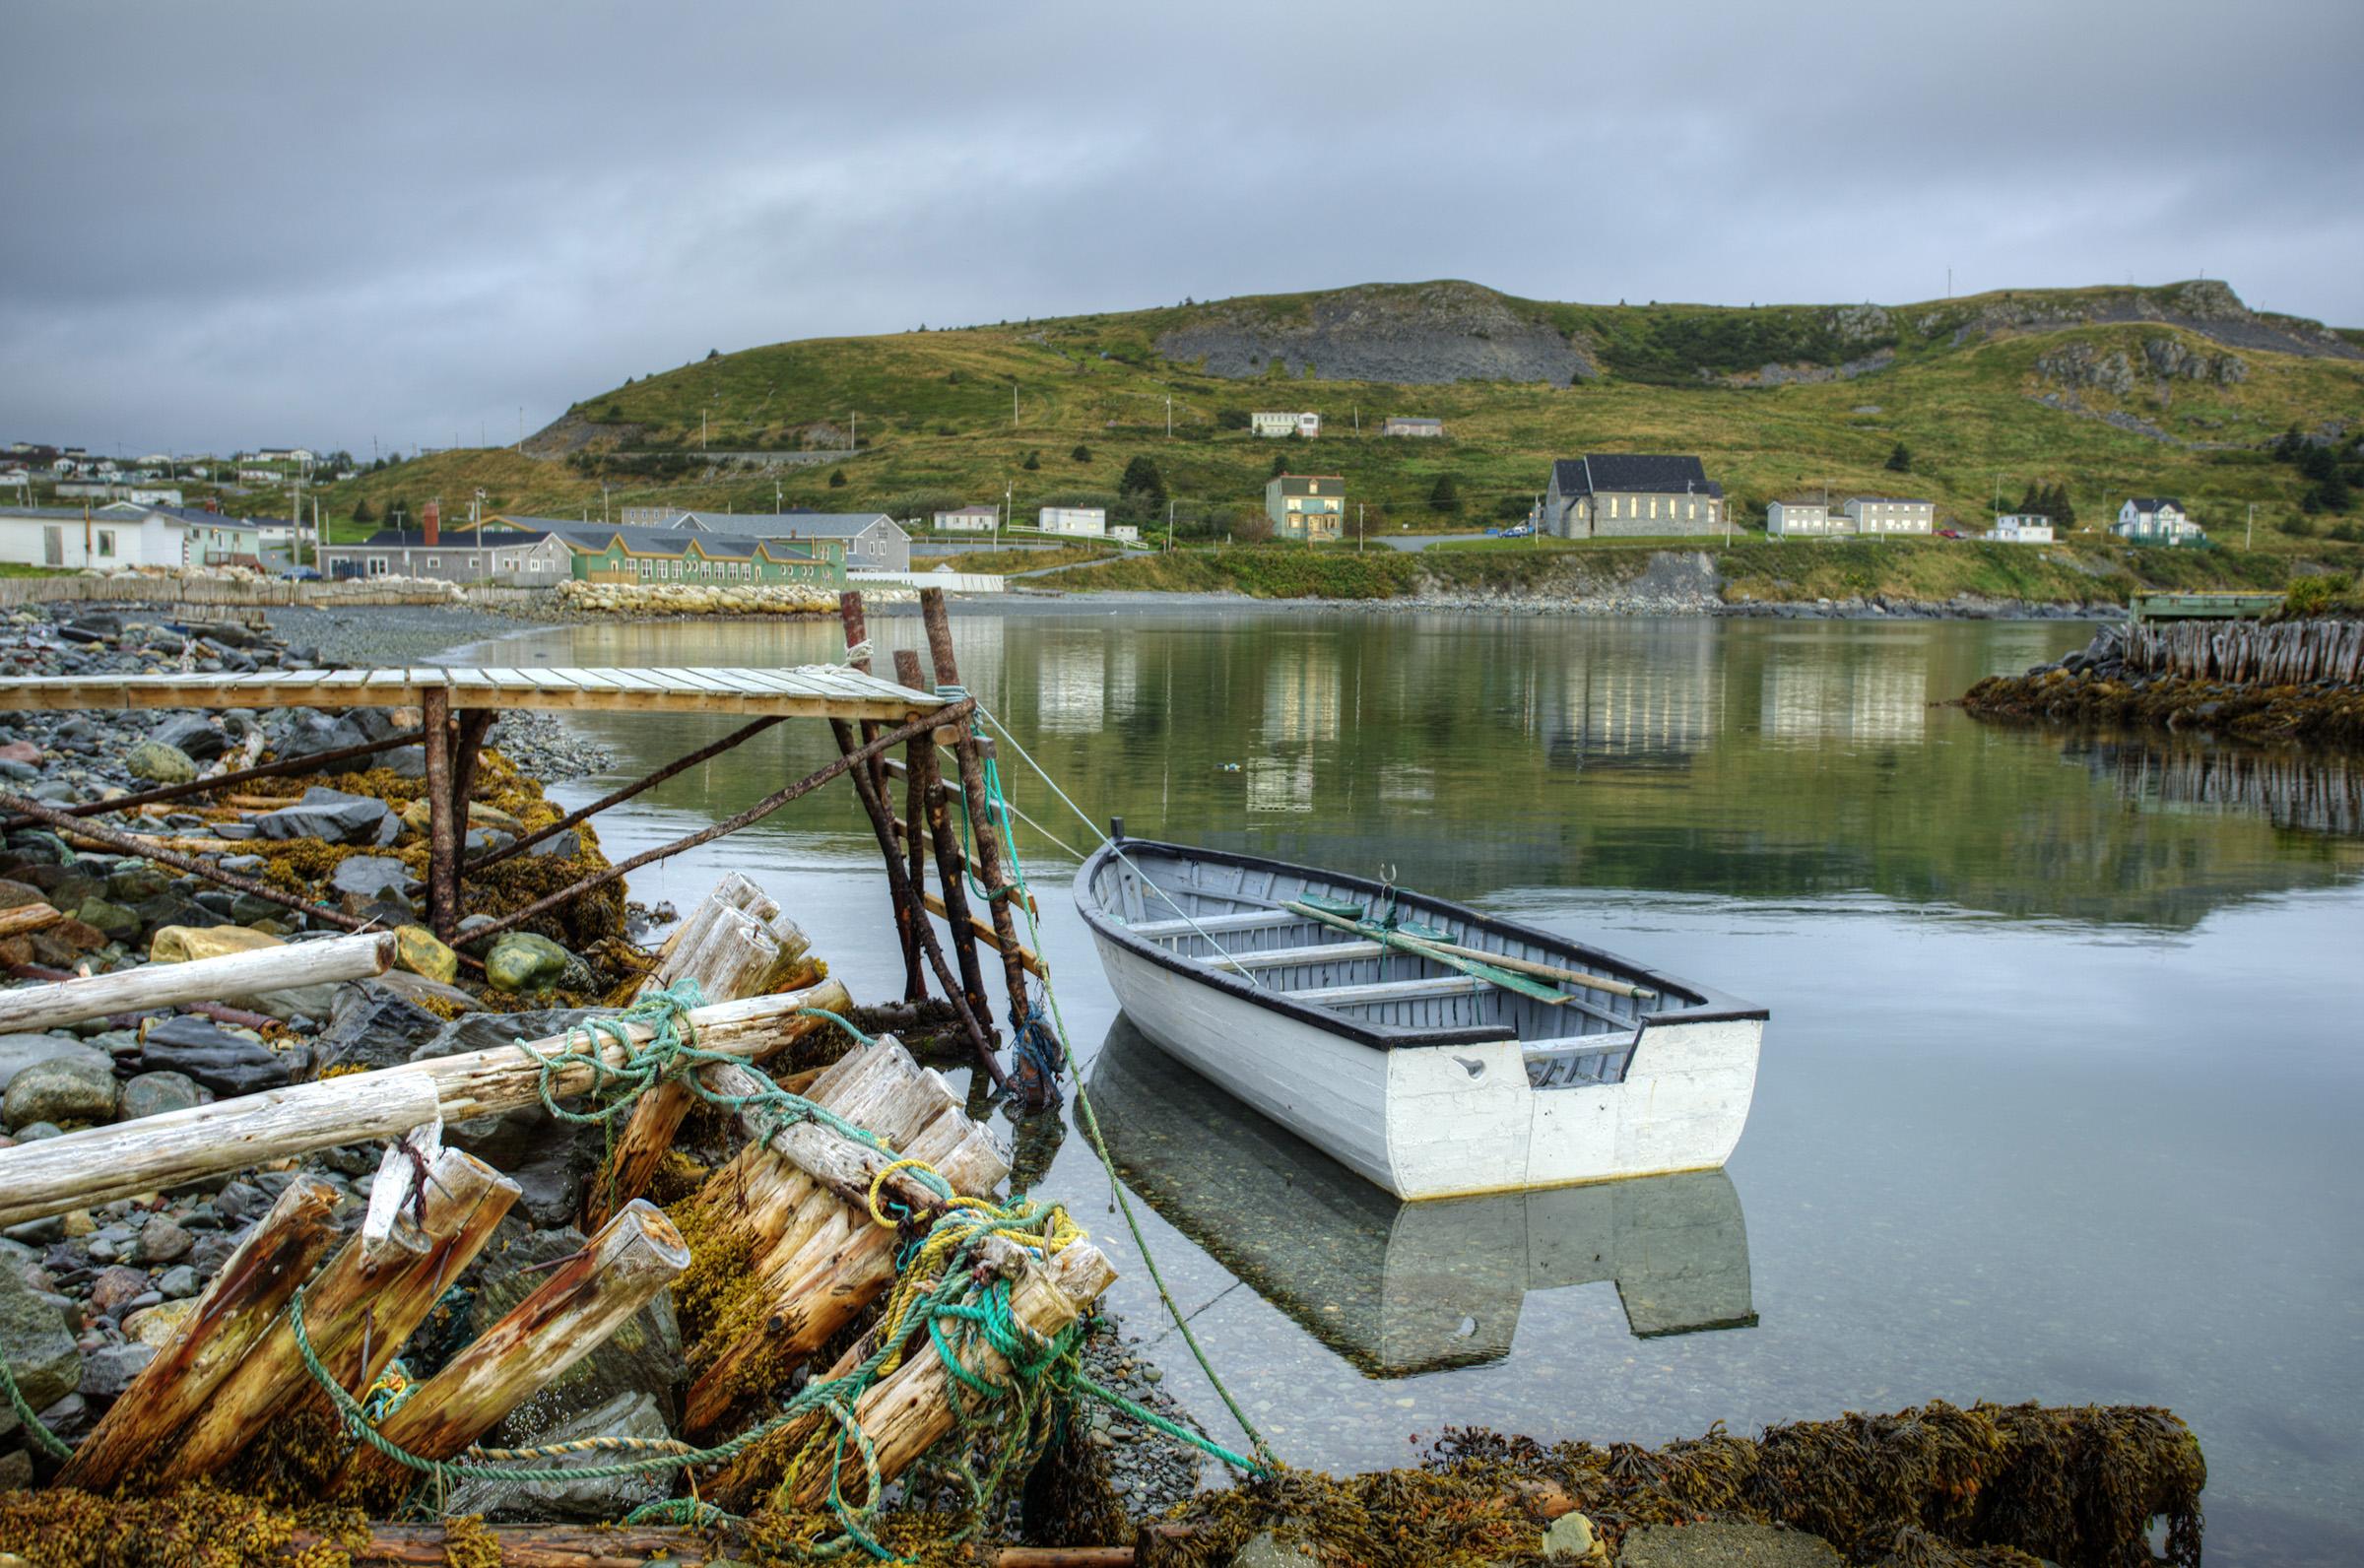 Fishing boat, Beach, Small, Row, Rowboat, HQ Photo